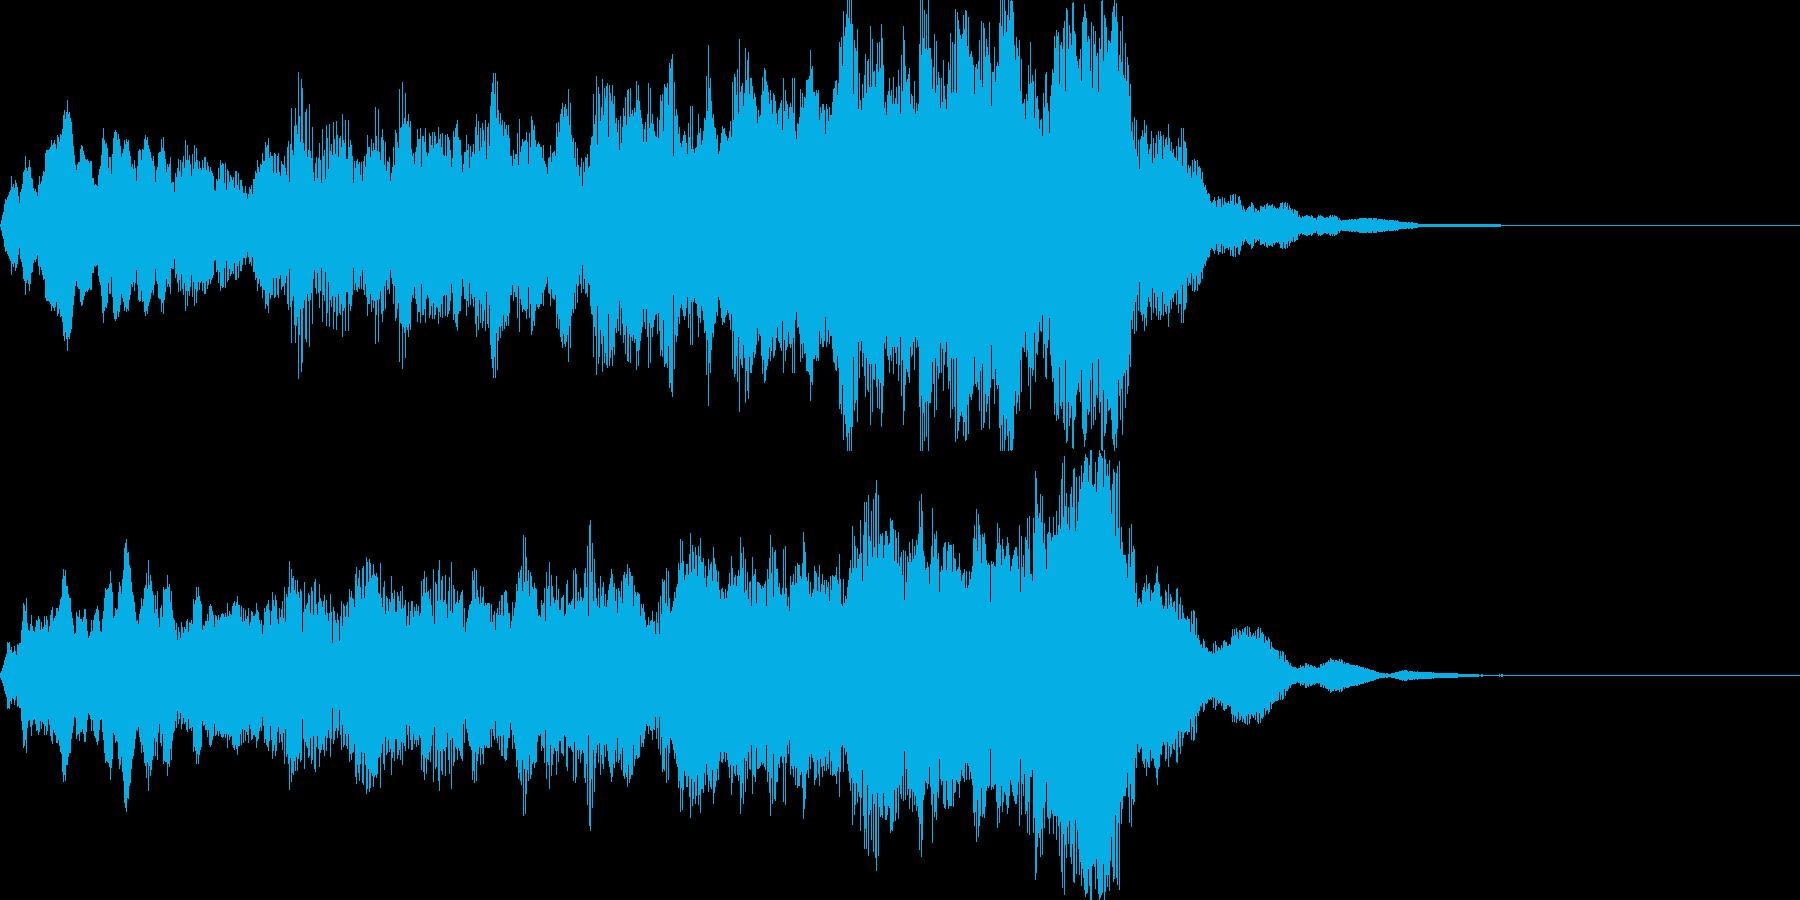 コーラスクワイヤ 男女合唱 サウンドロゴの再生済みの波形